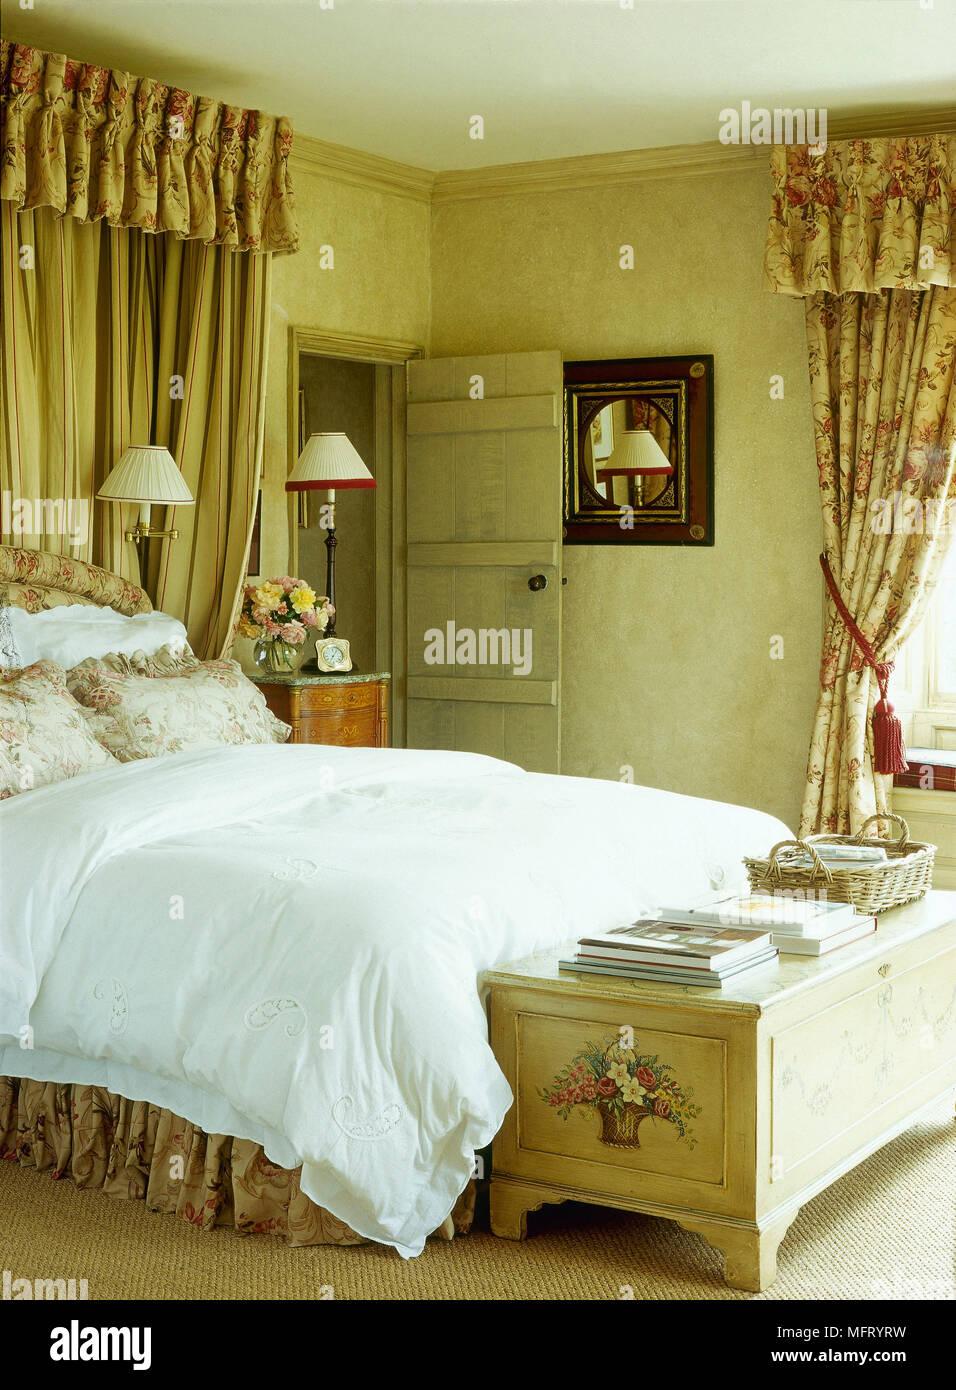 Paese tradizionale camera da letto letto tendaggi floreali ...